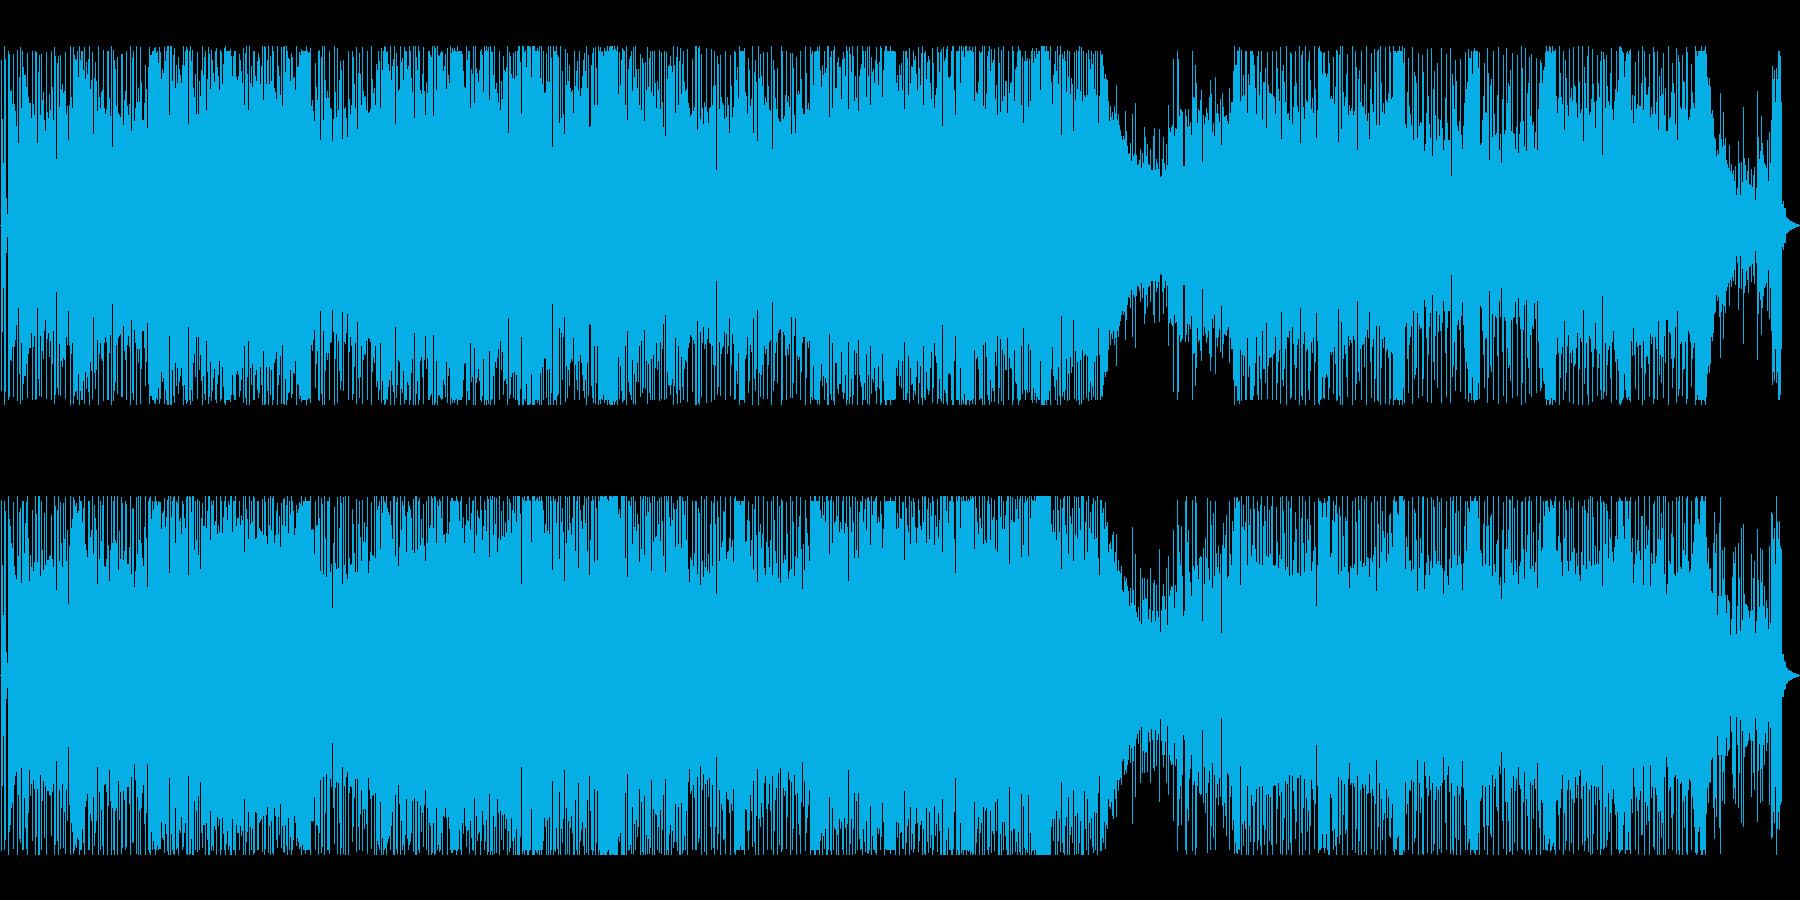 摩天楼・夜景・16ビート・フュージョンの再生済みの波形